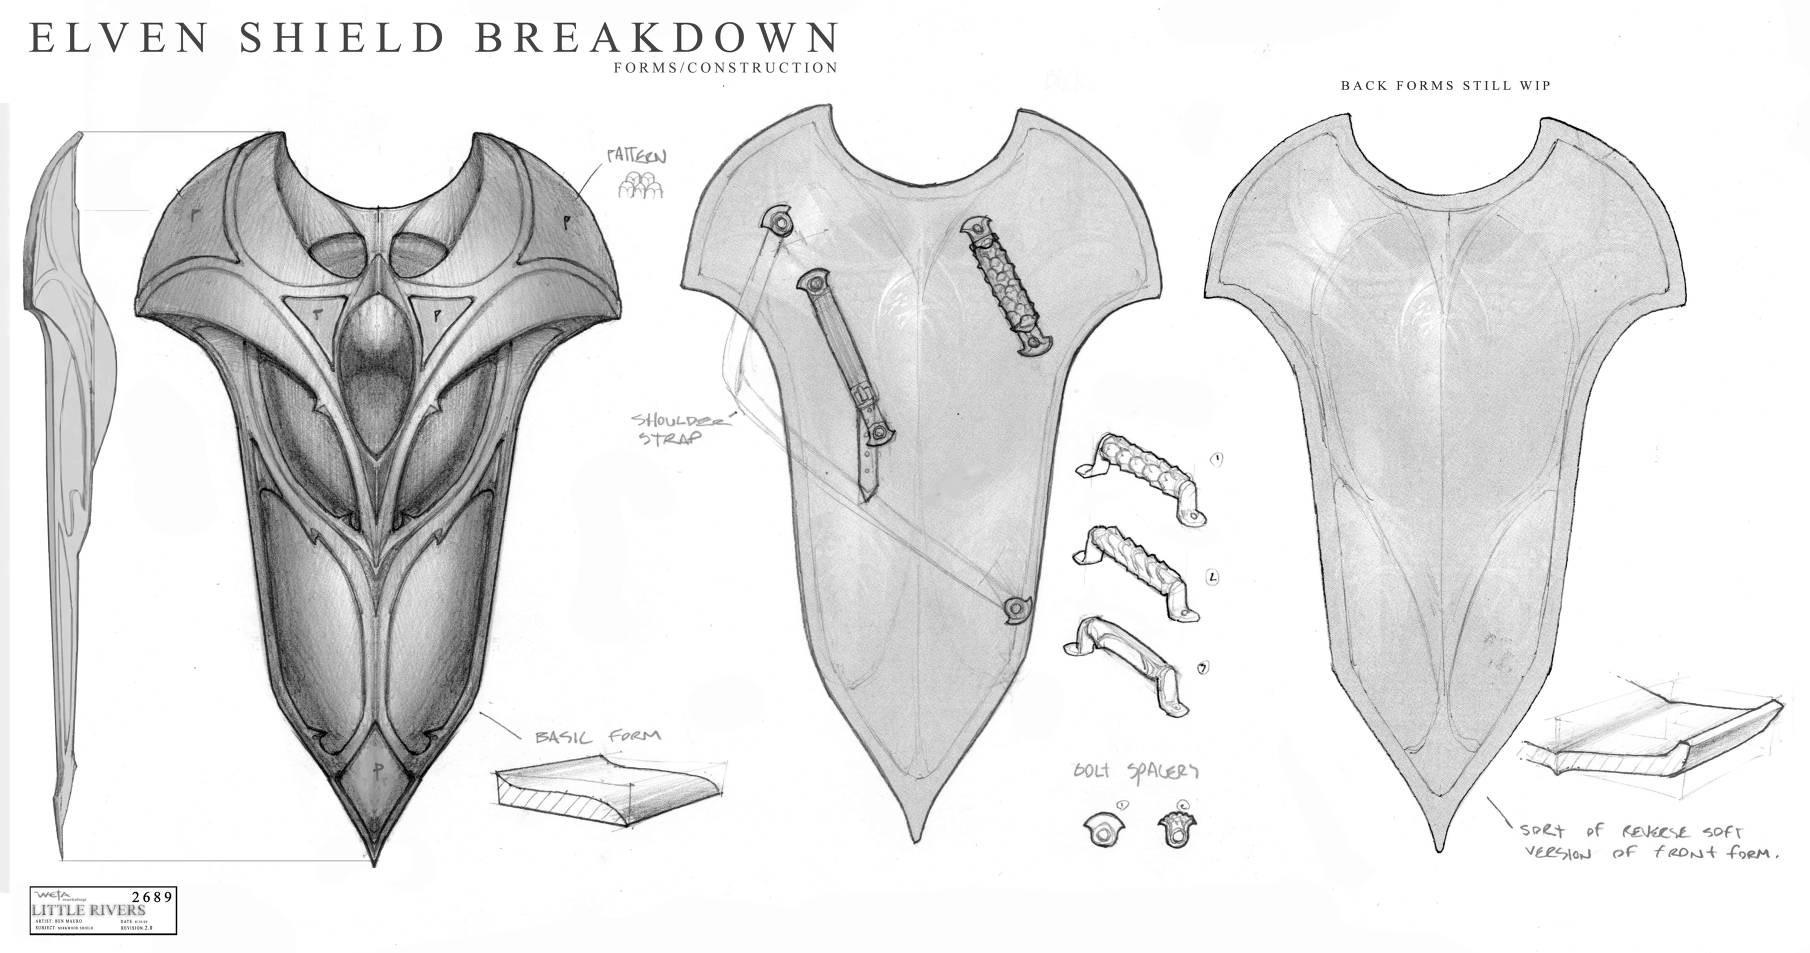 Ben mauro 2689mirkwood shield breakdown bm 905 2x